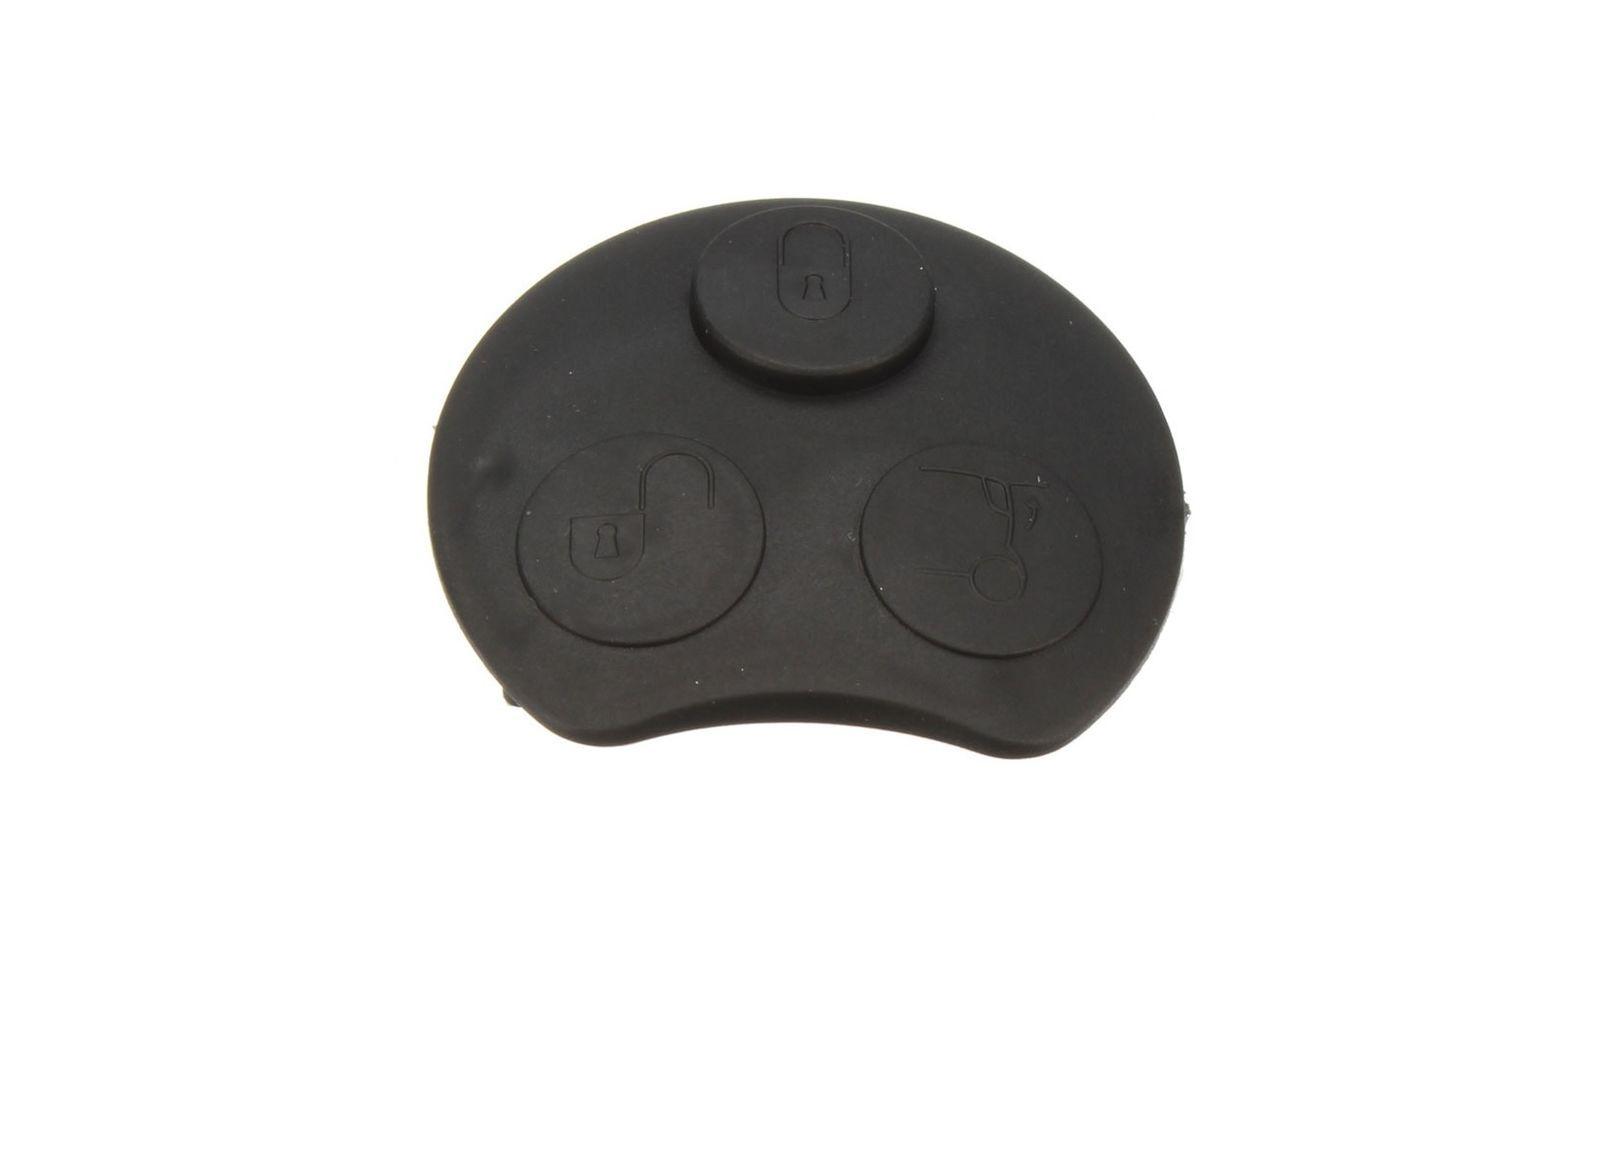 Oem Lastixaki Antikatastashs Kleidioy Mcc Smart Me 3 Koympia Car Accessories Novelty Silicone Molds